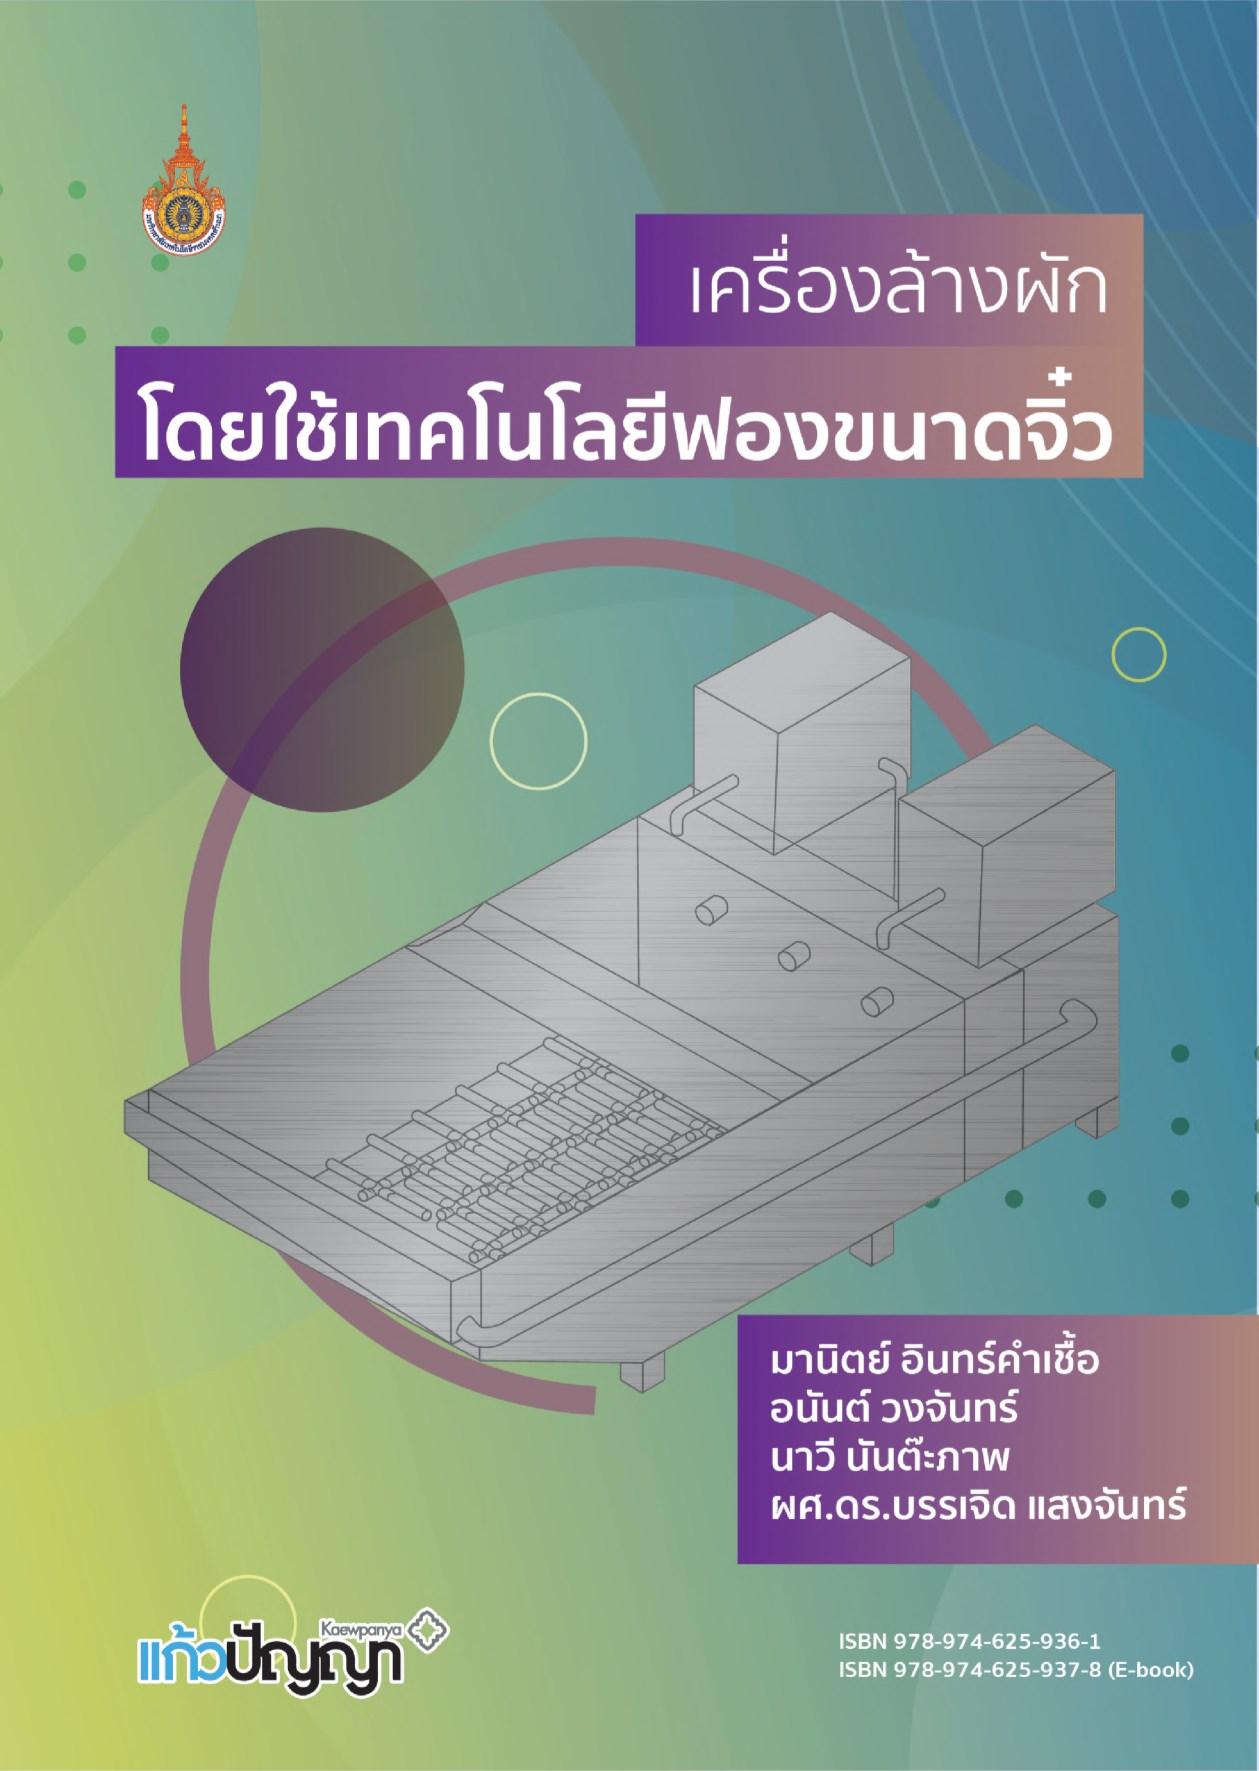 หน้าปก-เครื่องล้างผักโดยใช้เทคโนโลยีฟองขนาดจิ๋ว-ookbee